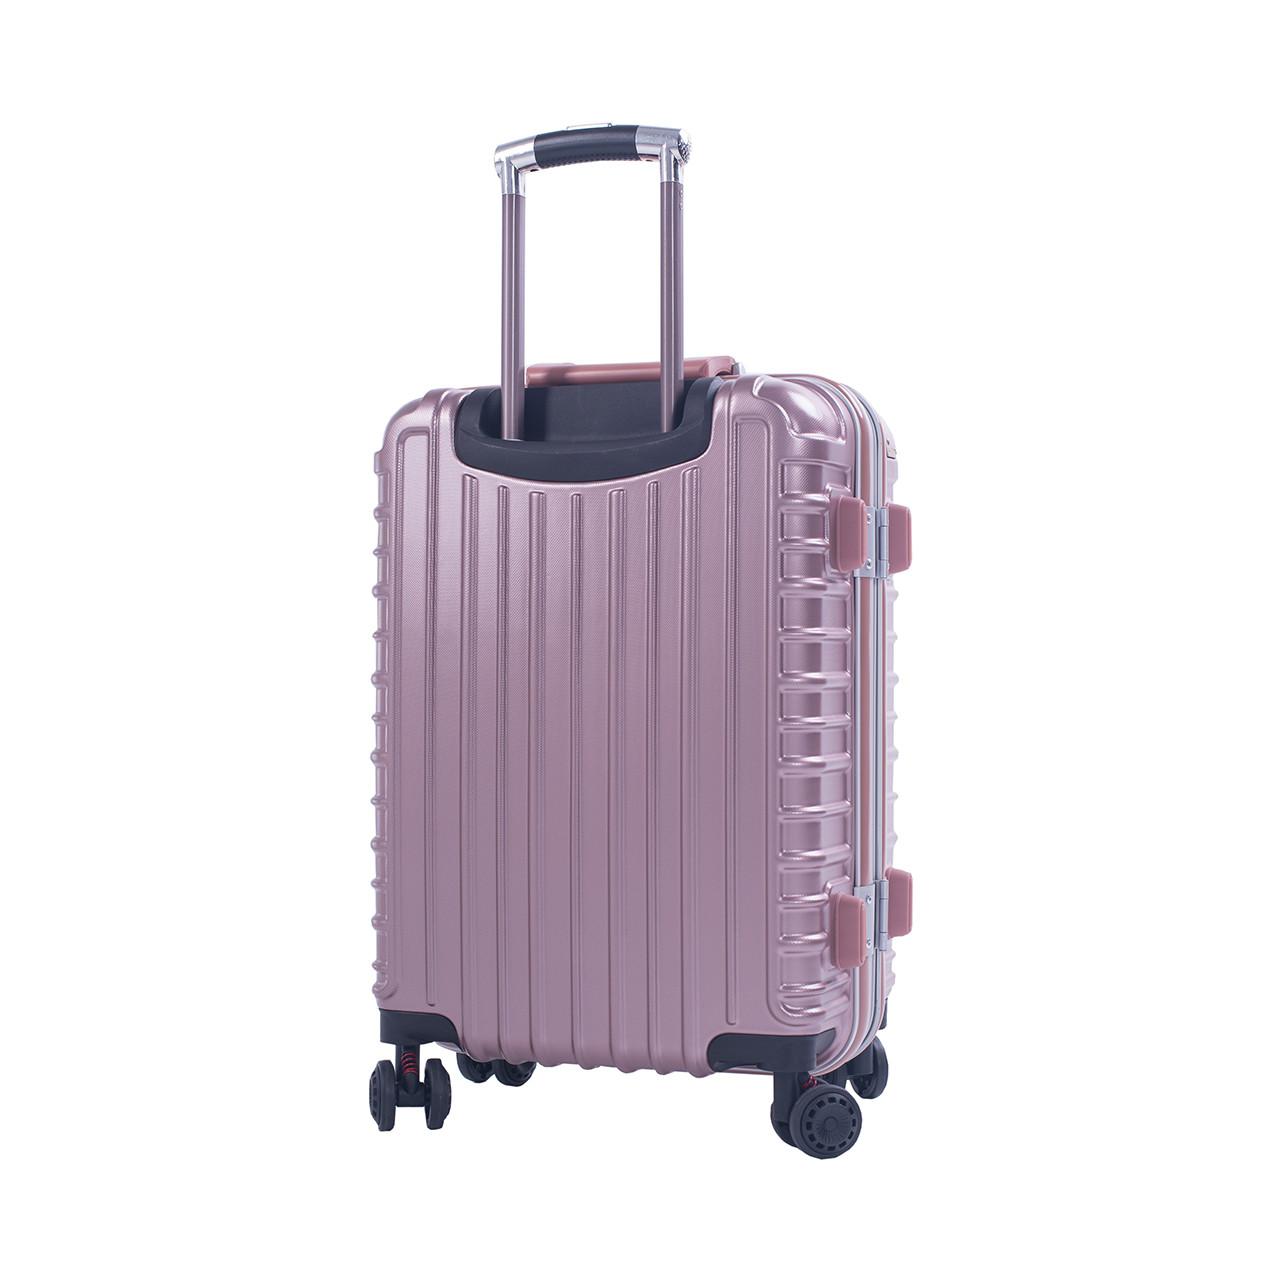 Чемодан пластиковый BagHouse 4 колеса, цвет розовый 47х66х32 кс801броз